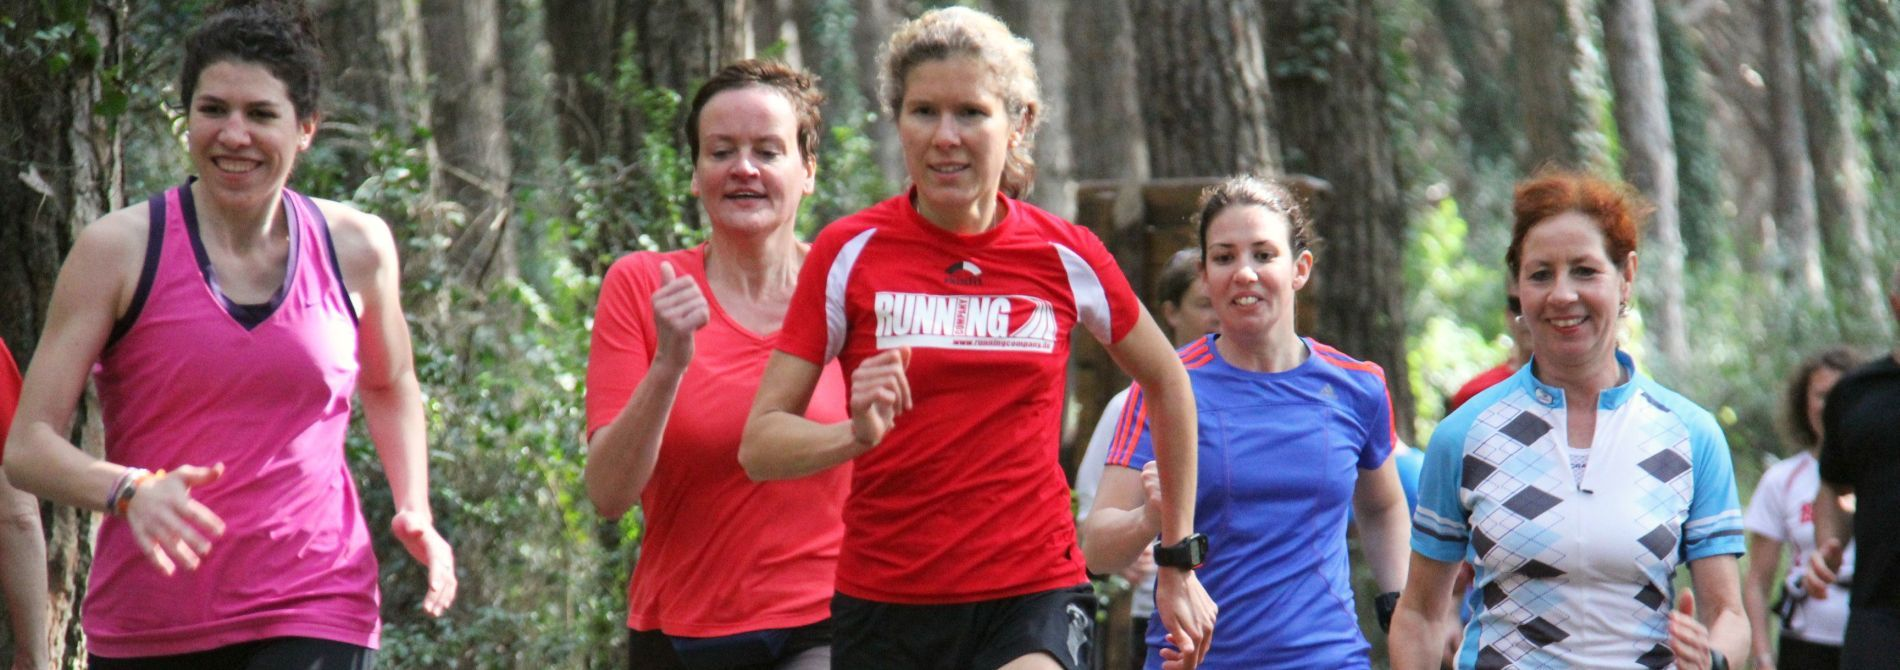 Lauftraining für Laufanfänger und fortgeschrittene Läufer in München